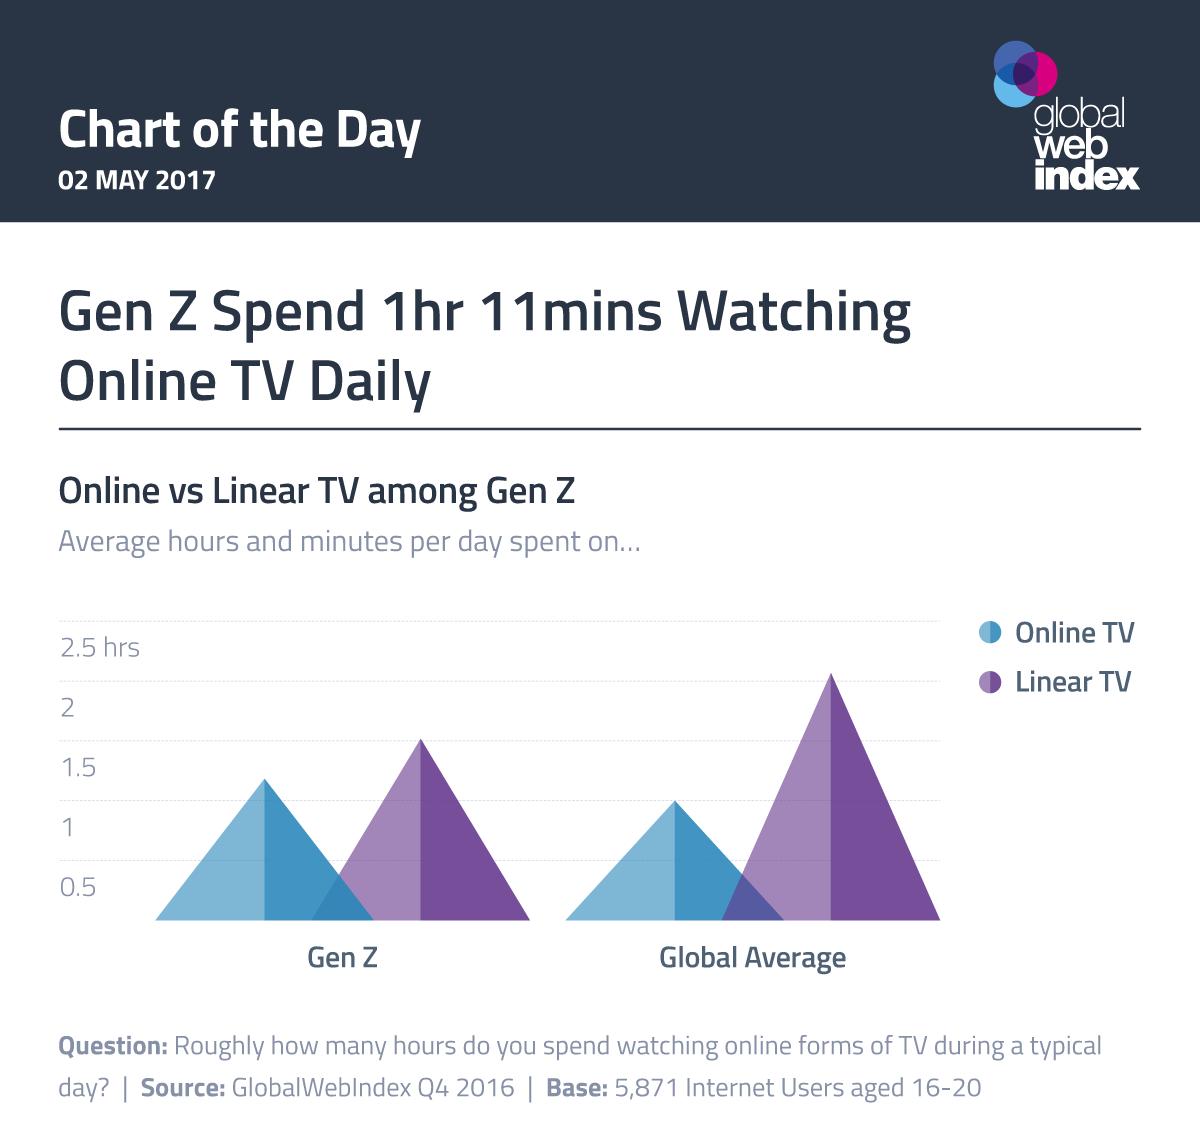 Gen Z Spend 1hr 11mins Watching Online TV Daily